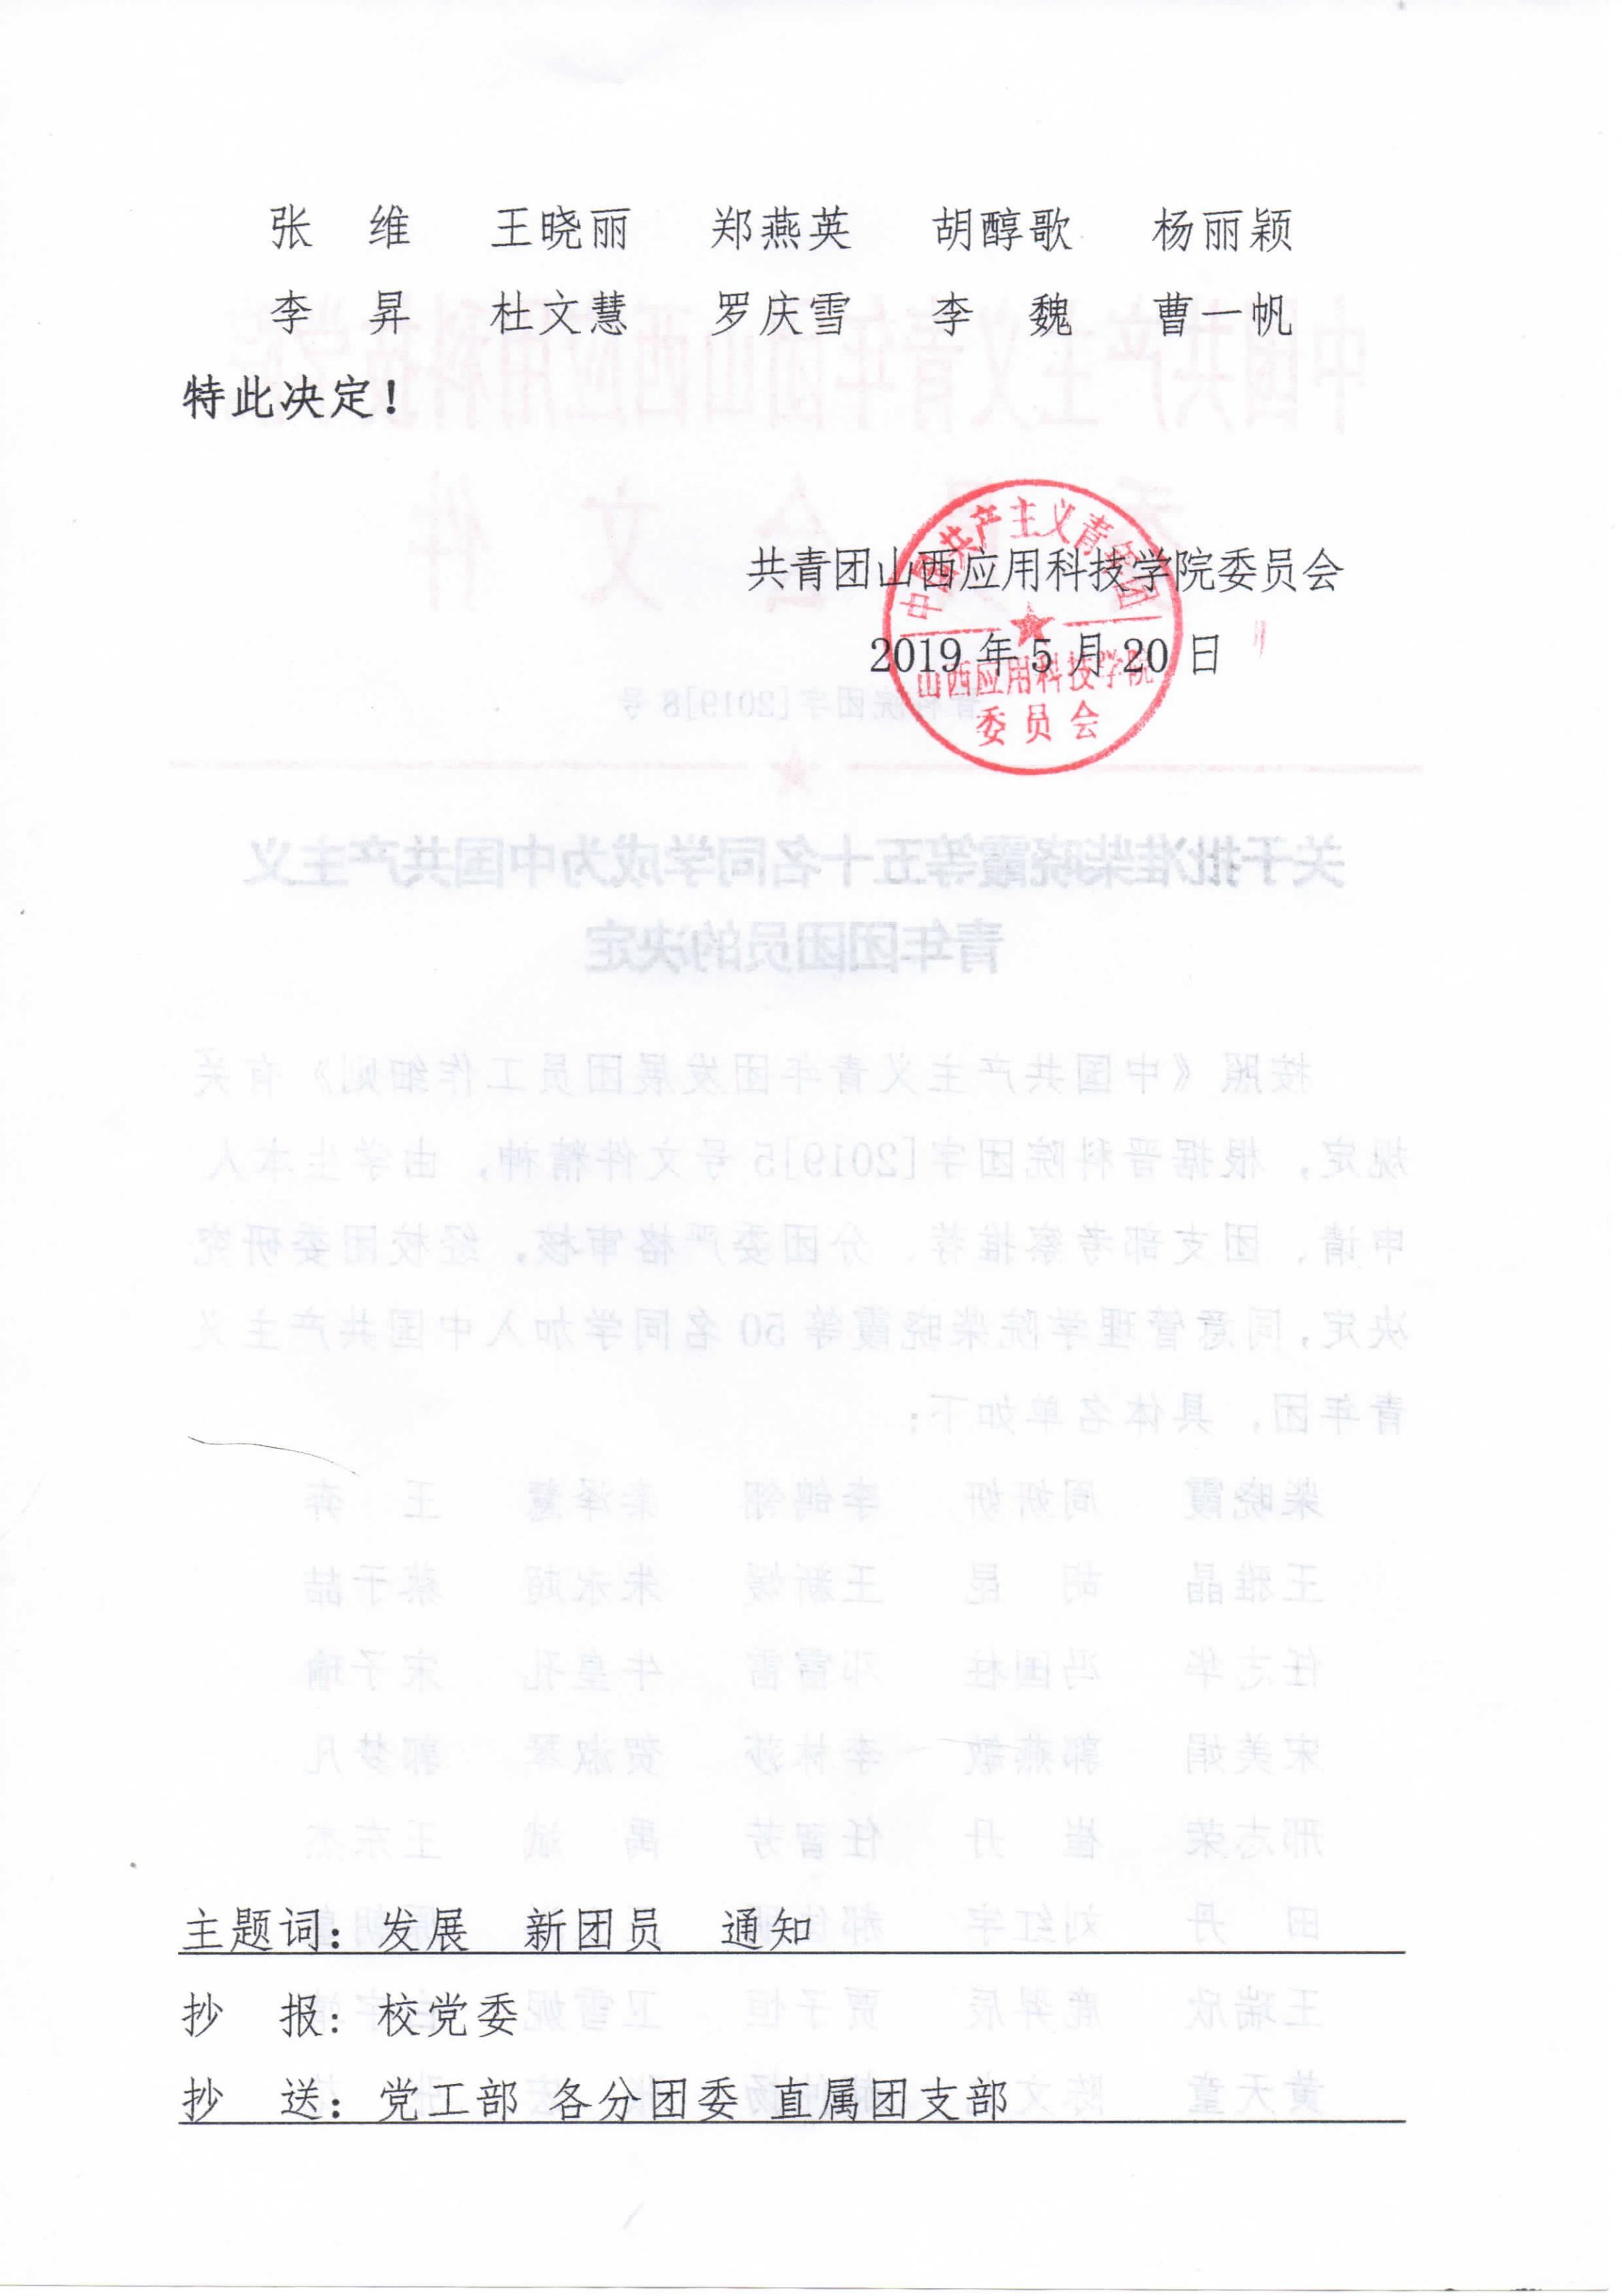 8-晋科院团字[2019]8号-关于批准柴晓霞等五十名同学成为中国共产主义青年团团员的通知_01.png